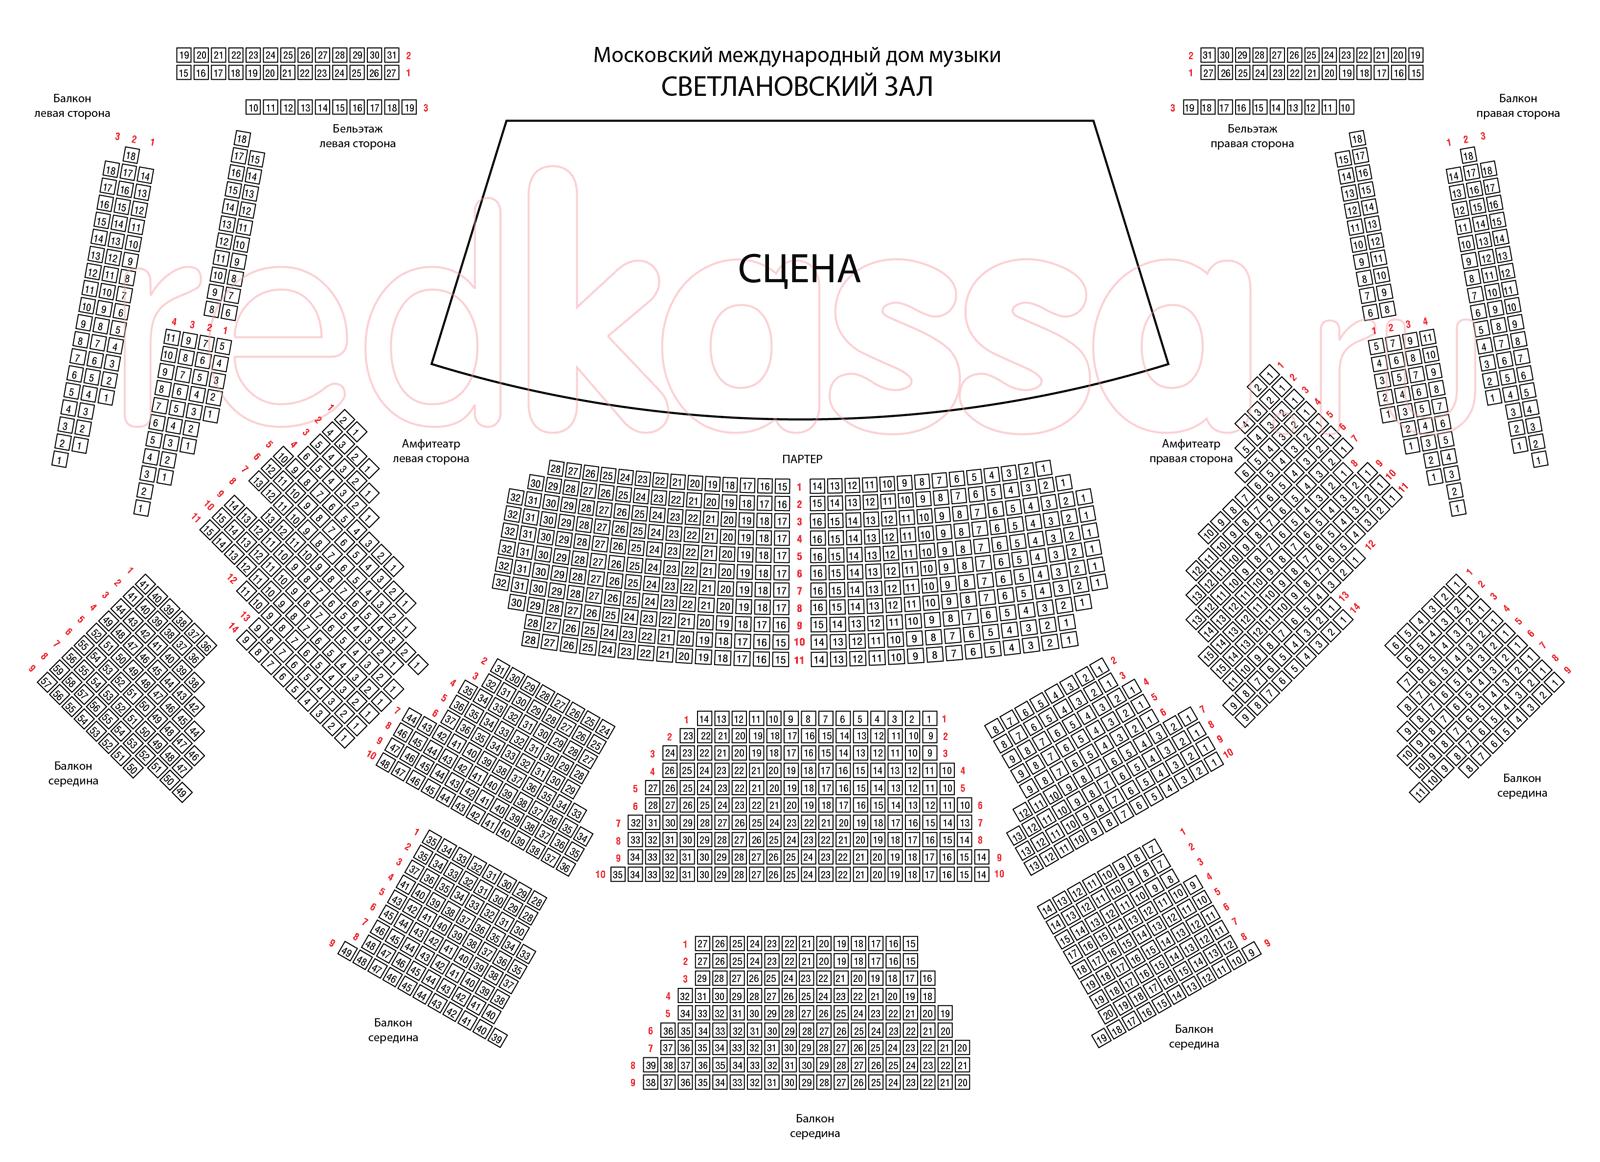 Схема зала Дом музыки (ММДМ), Светлановский зал